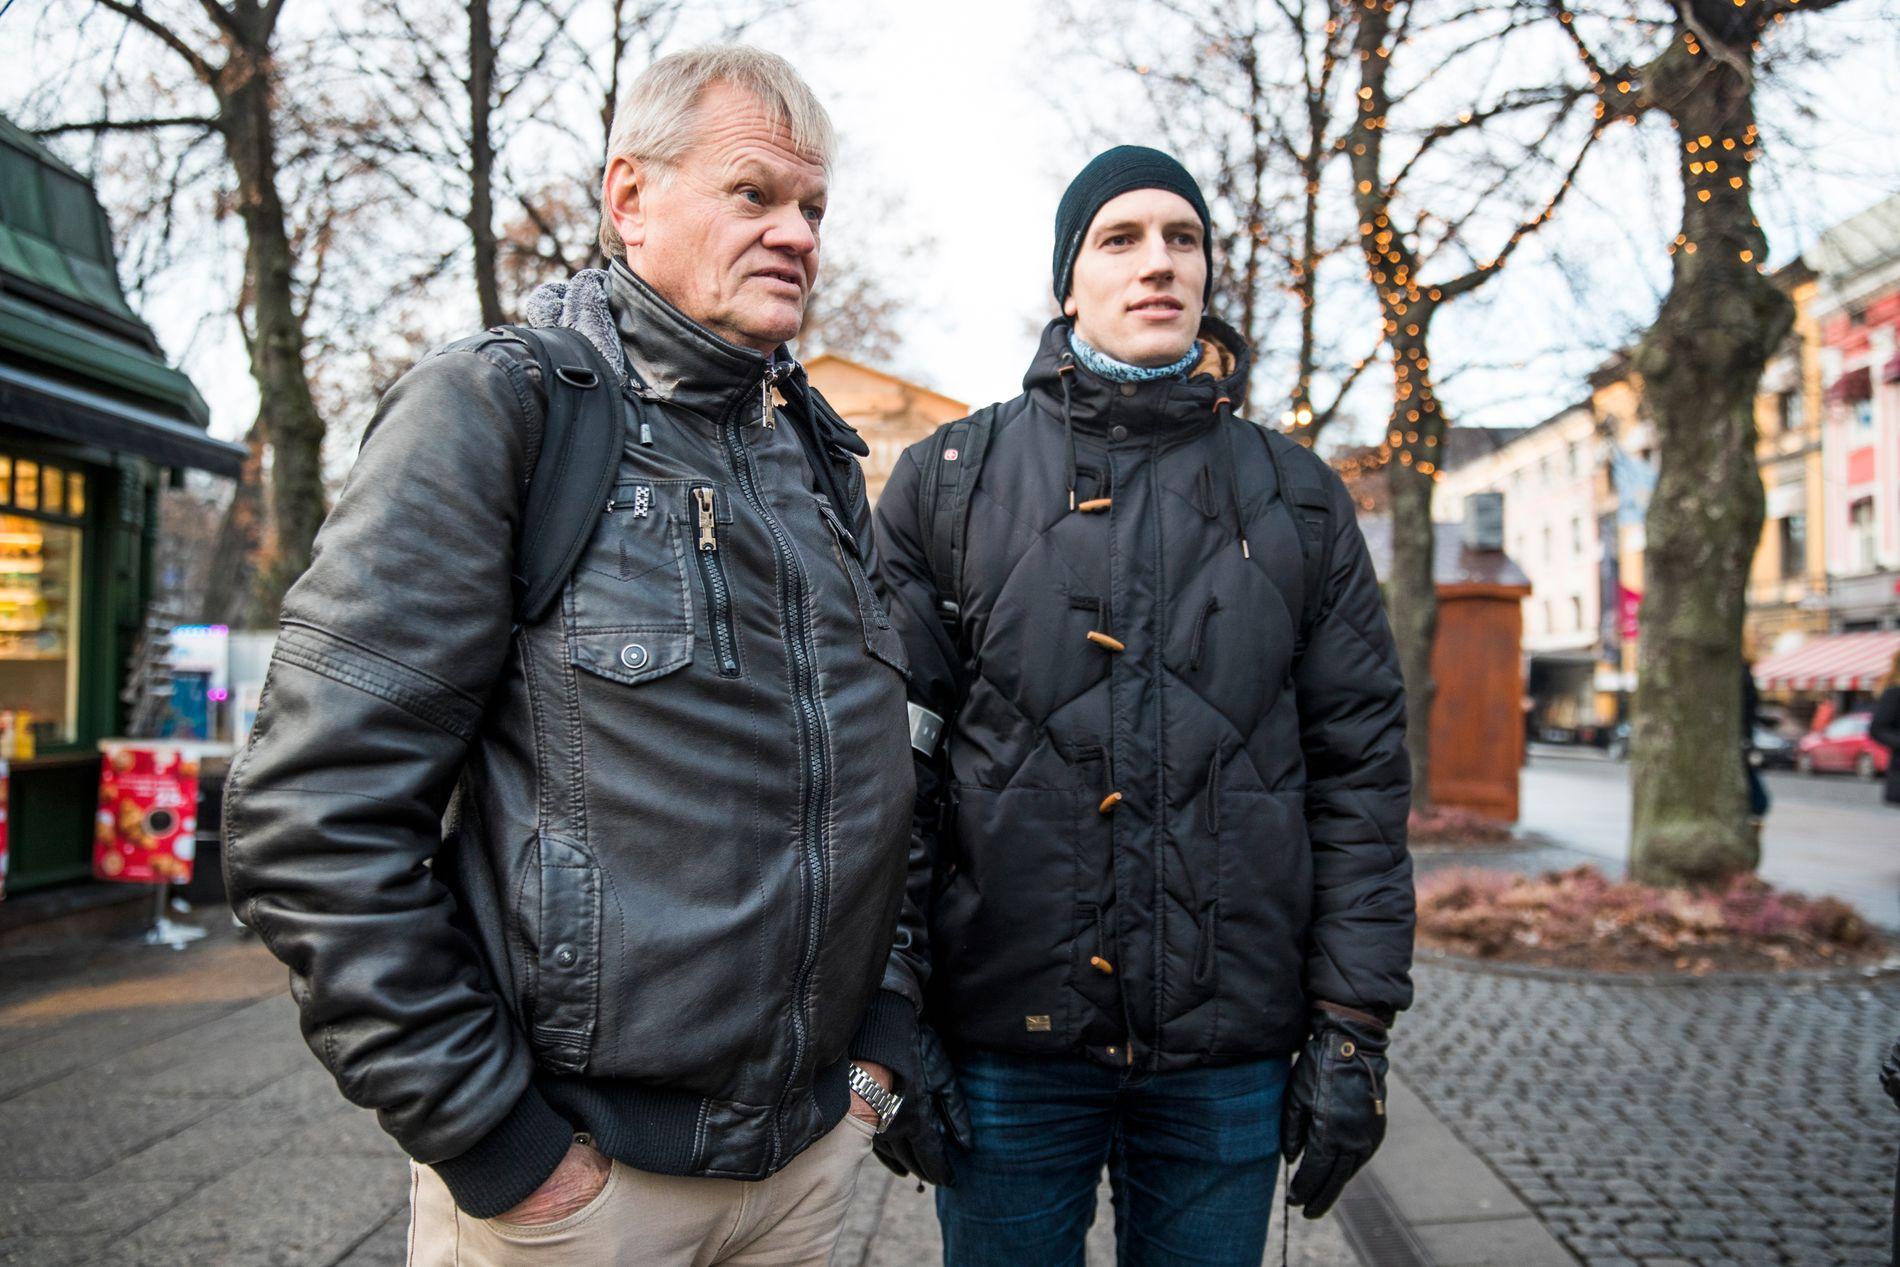 KNALLBRA: Kollegaene Arild og Christian er ikke bekymret for norsk økonomi. Men vi må omstille oss, mener Arild.